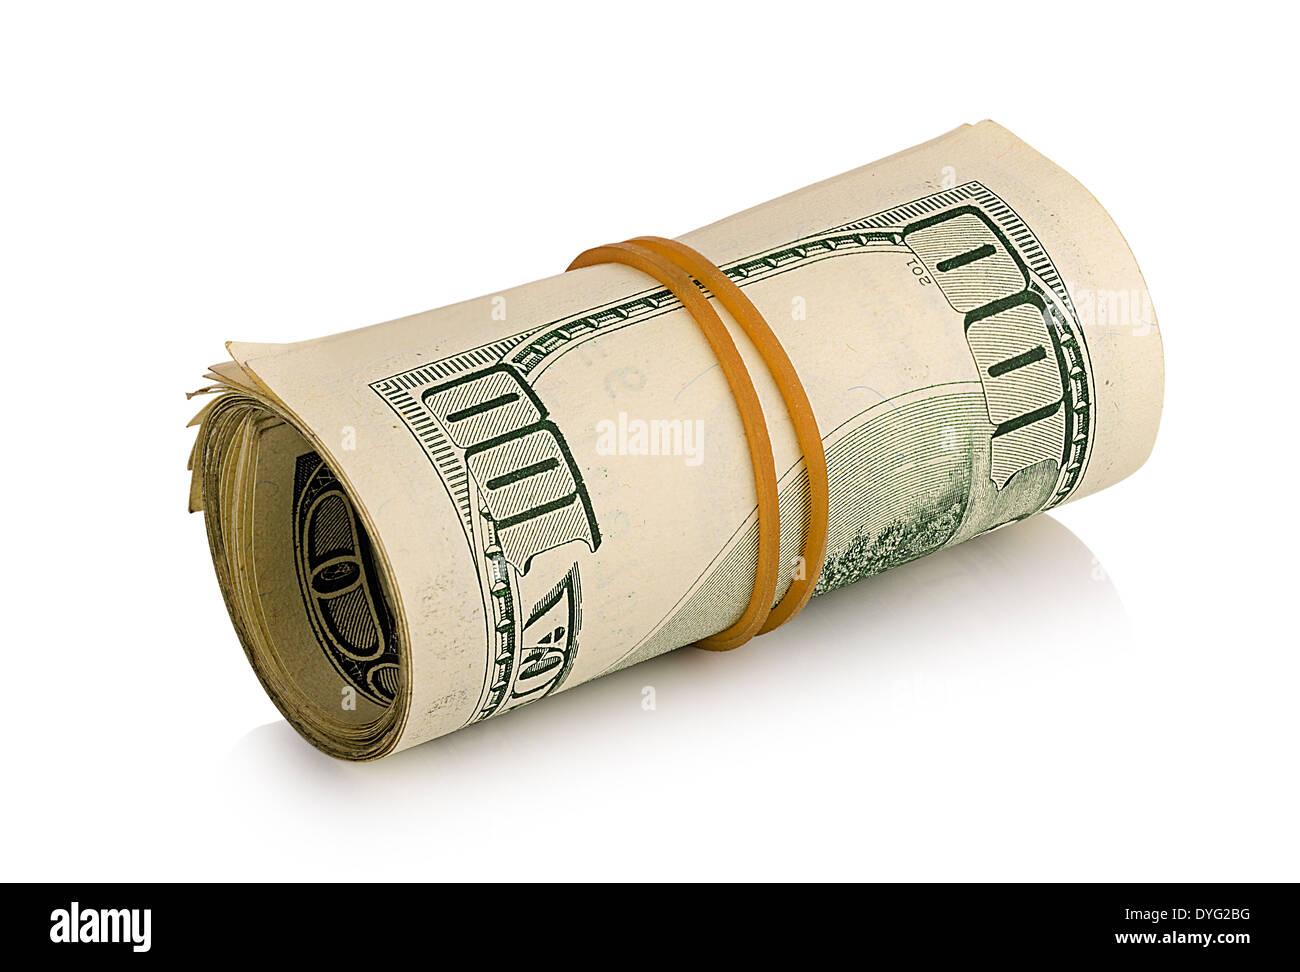 bundle of dollars isolated on white background - Stock Image